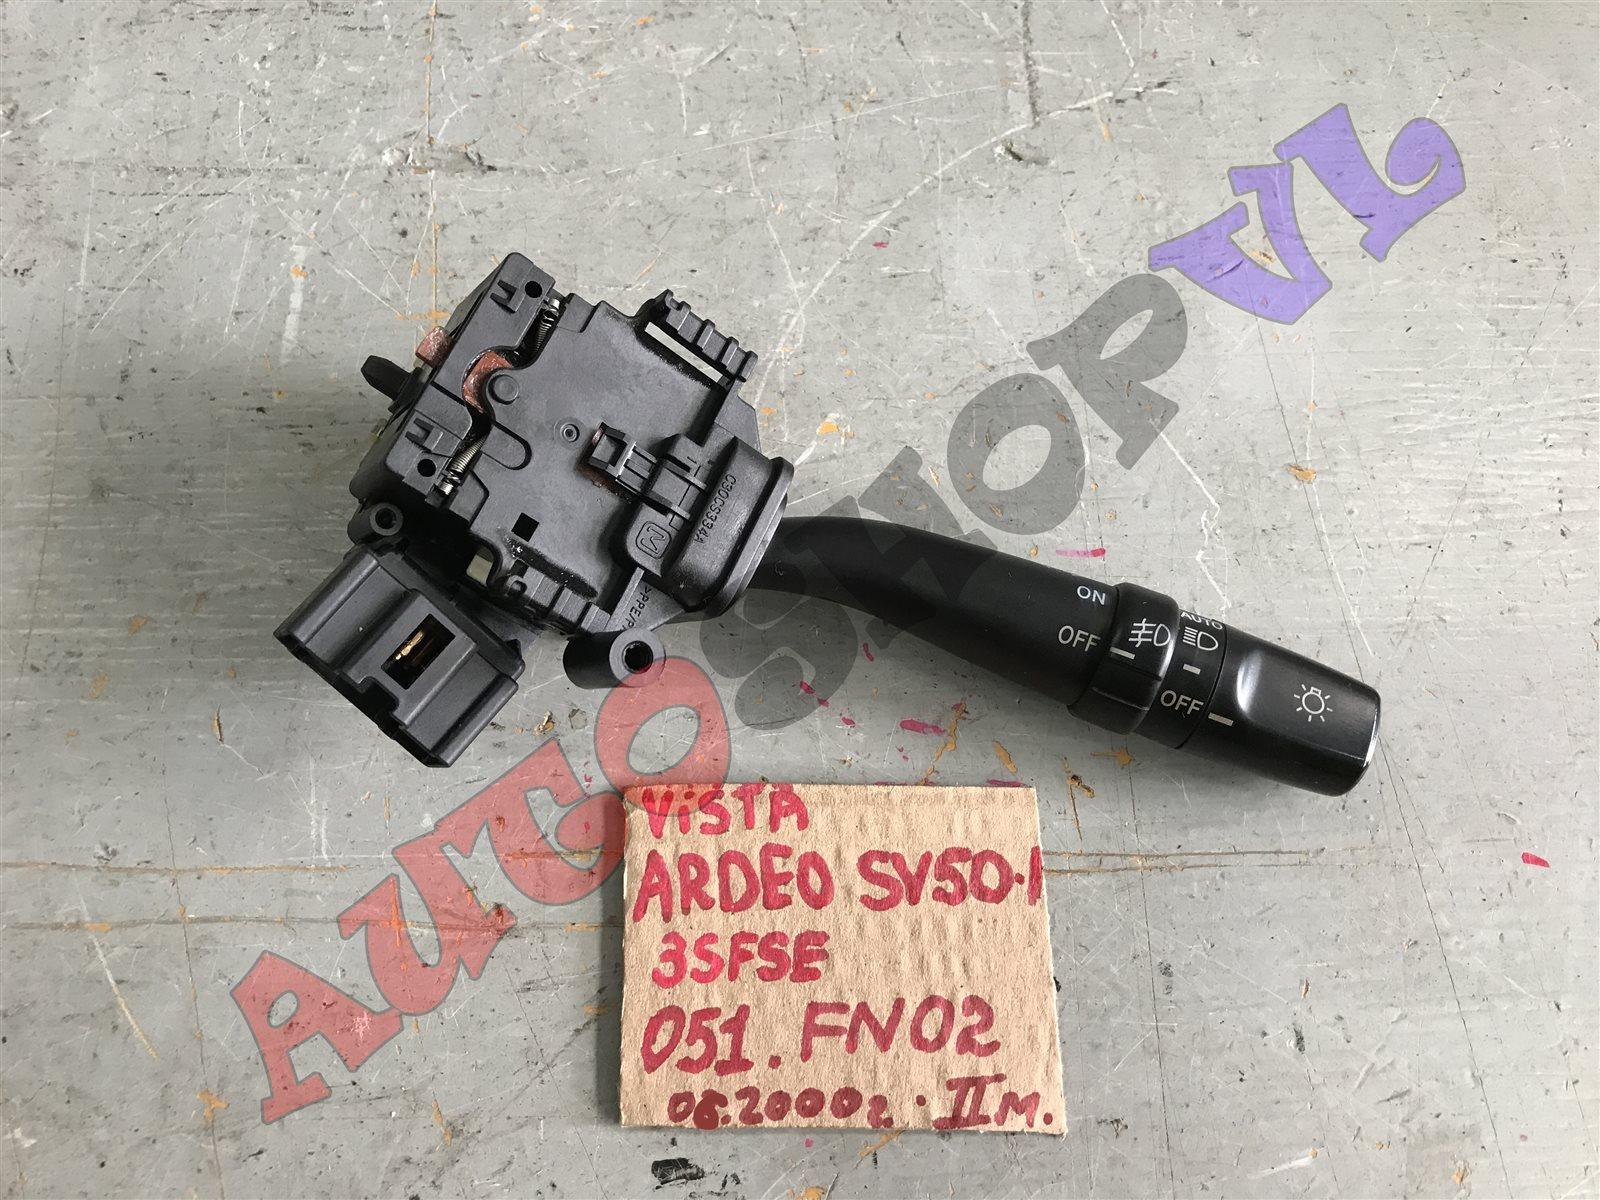 Блок подрулевых переключателей Toyota Vista Ardeo AZV50 06.1998 правый (б/у)